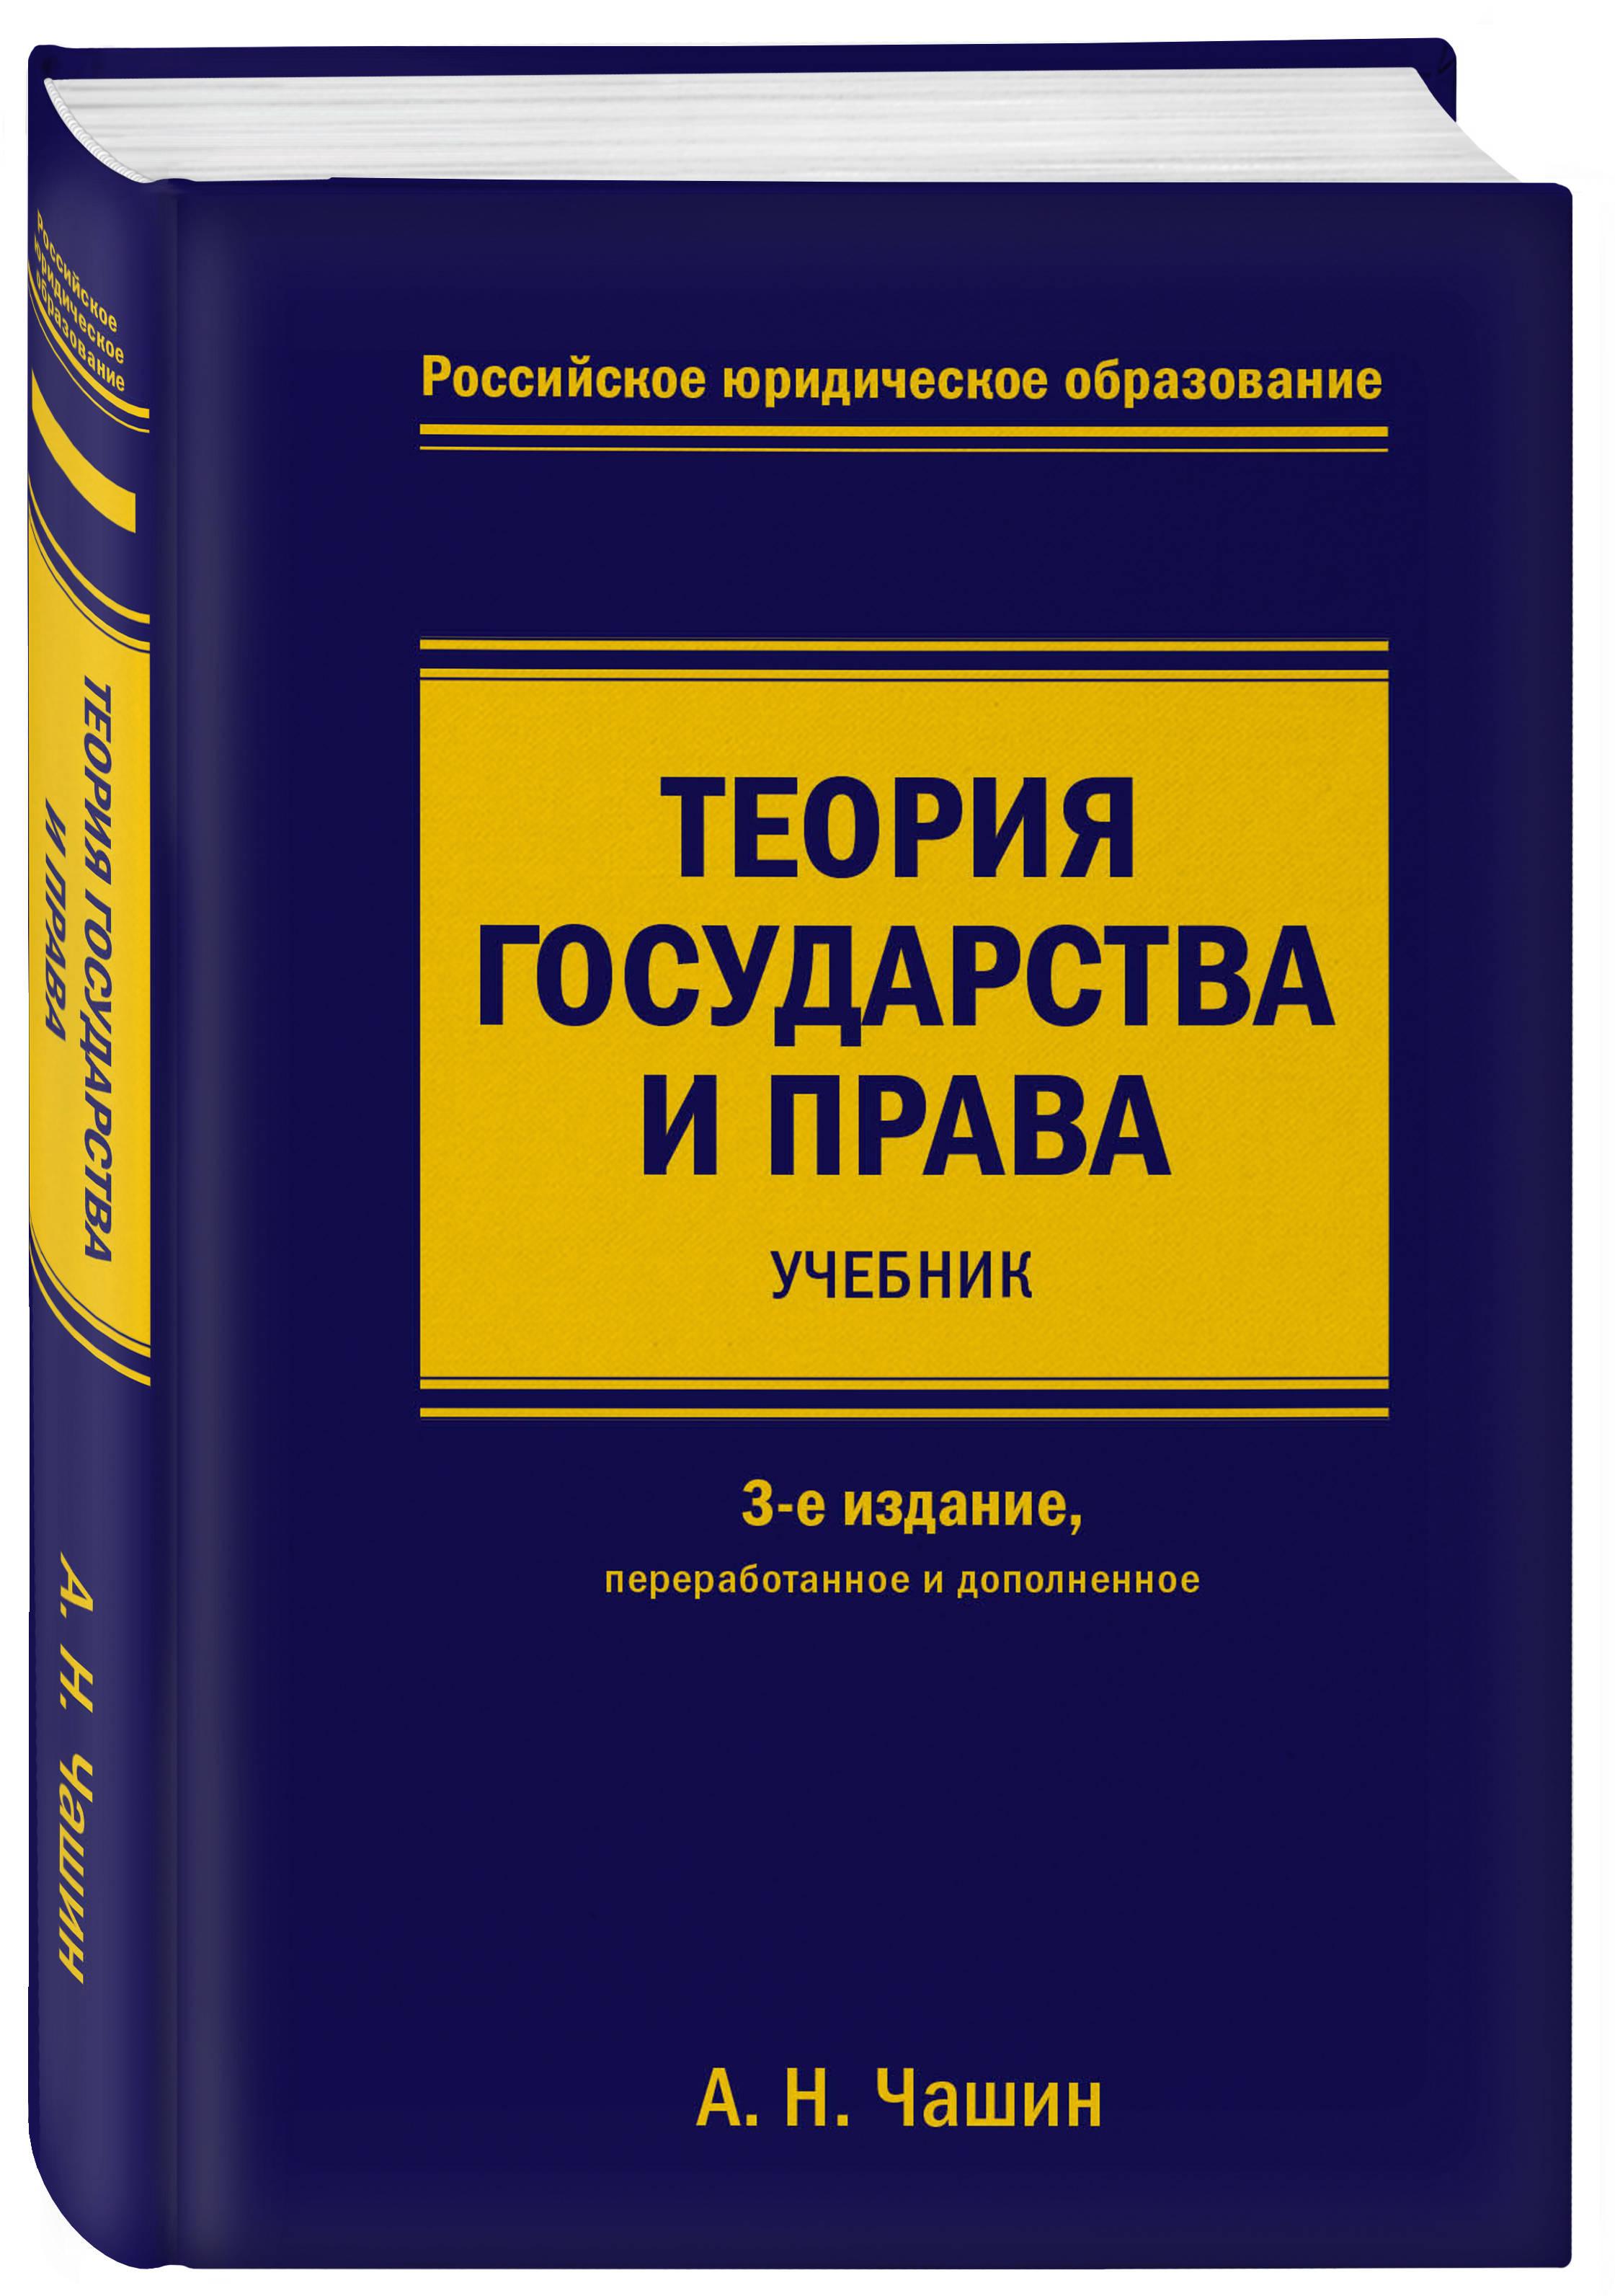 Теория государства и права. Учебник. 3-е издание, переработанное и дополненное ( Чашин Александр Николаевич  )